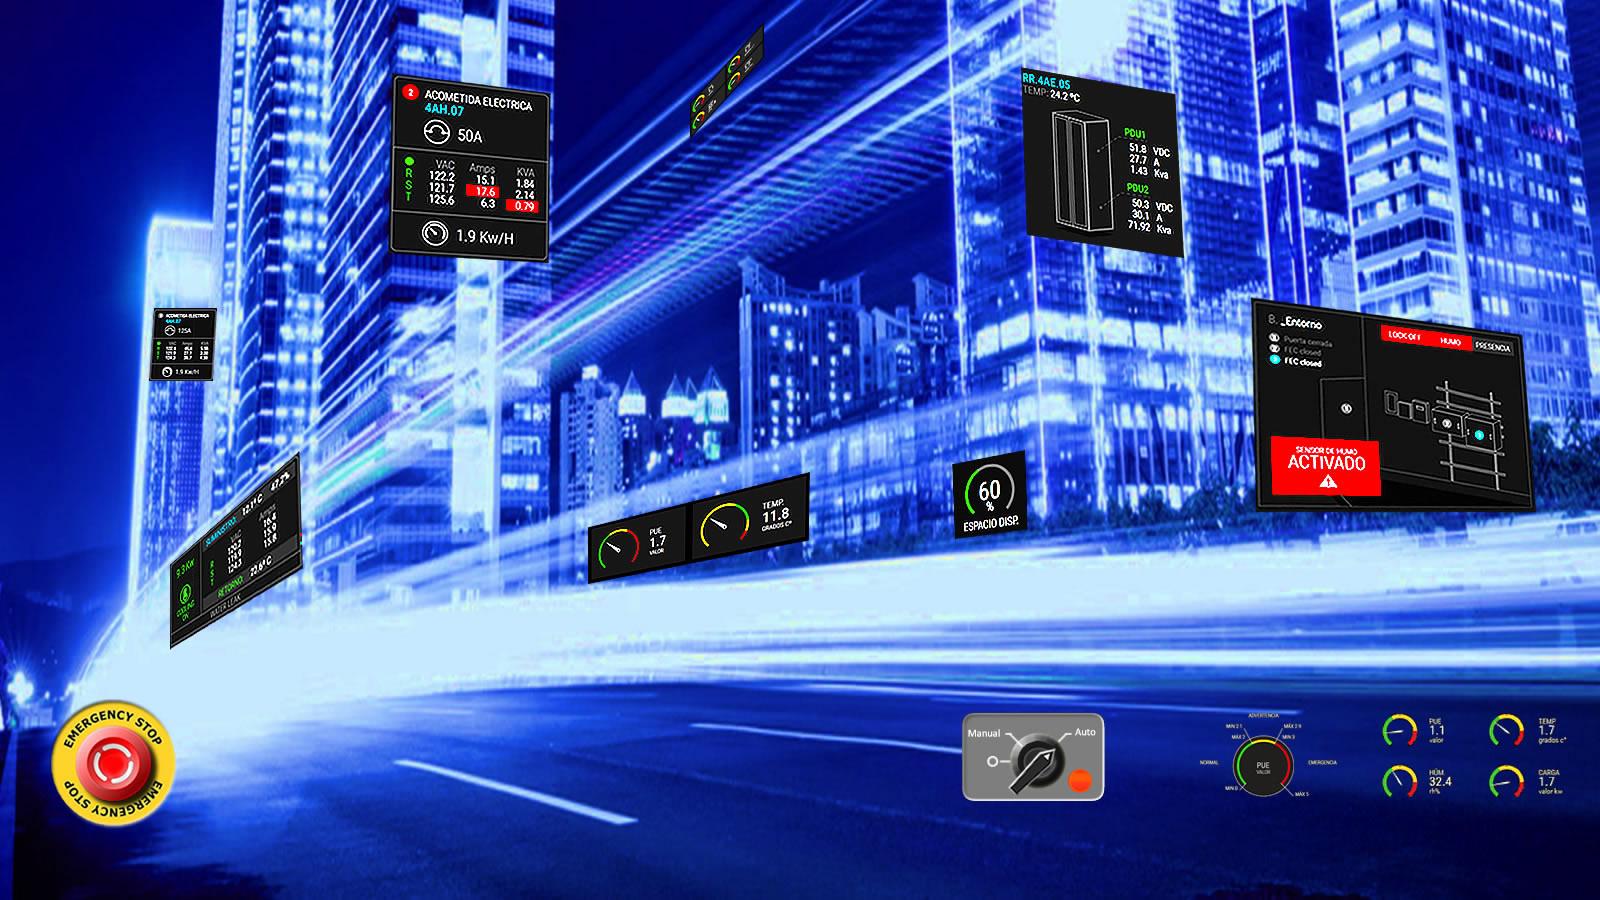 DCIM Monitoreo Infraestructura Critica GDCIM Cloud Device